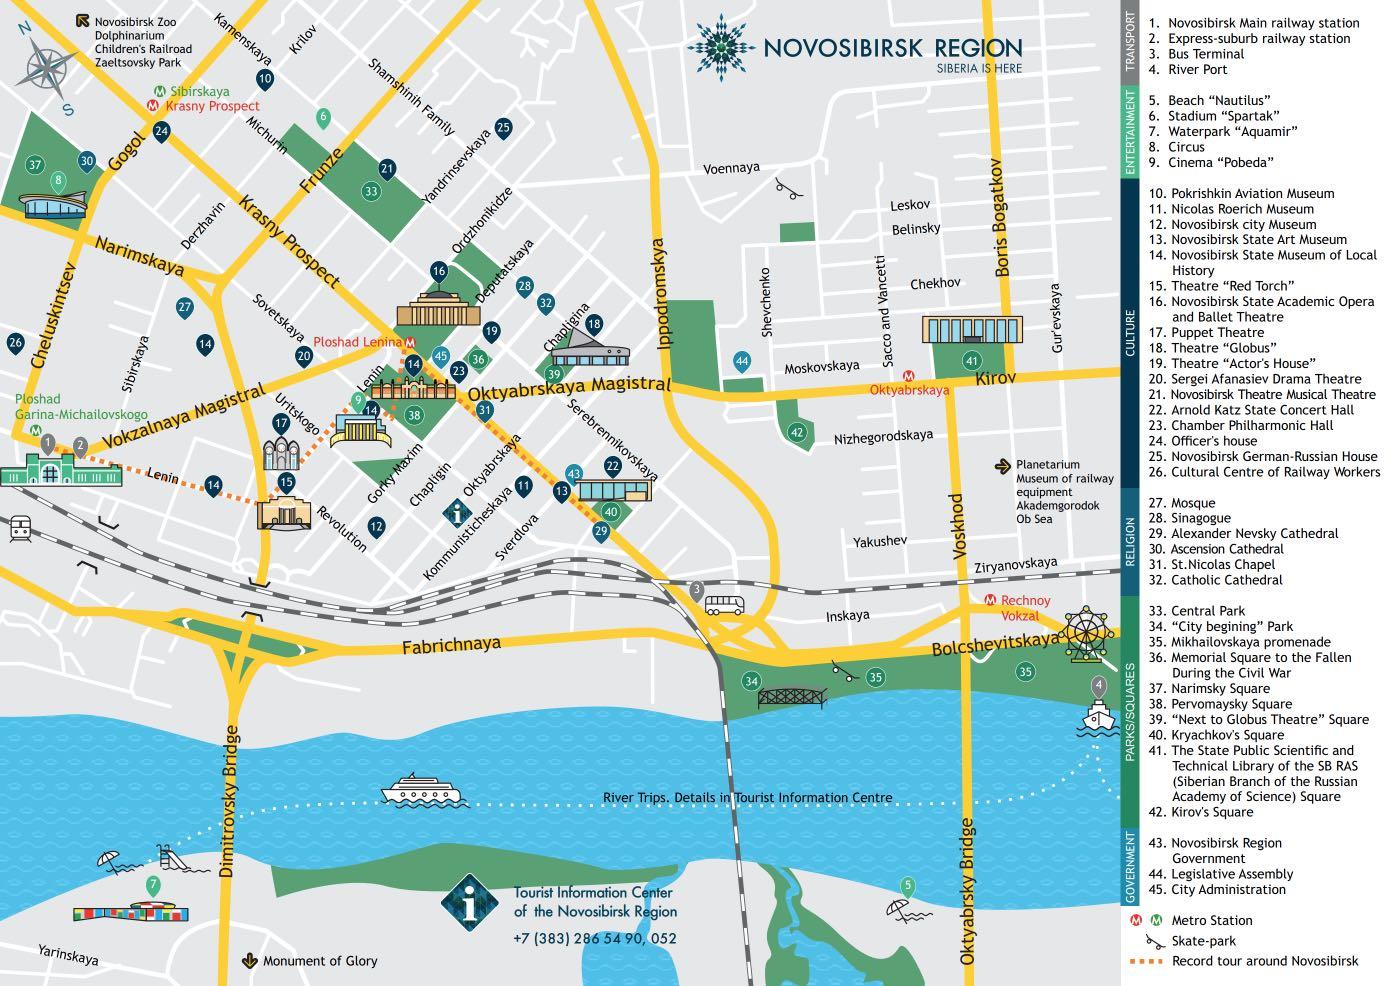 Mappa di Novosibirsk